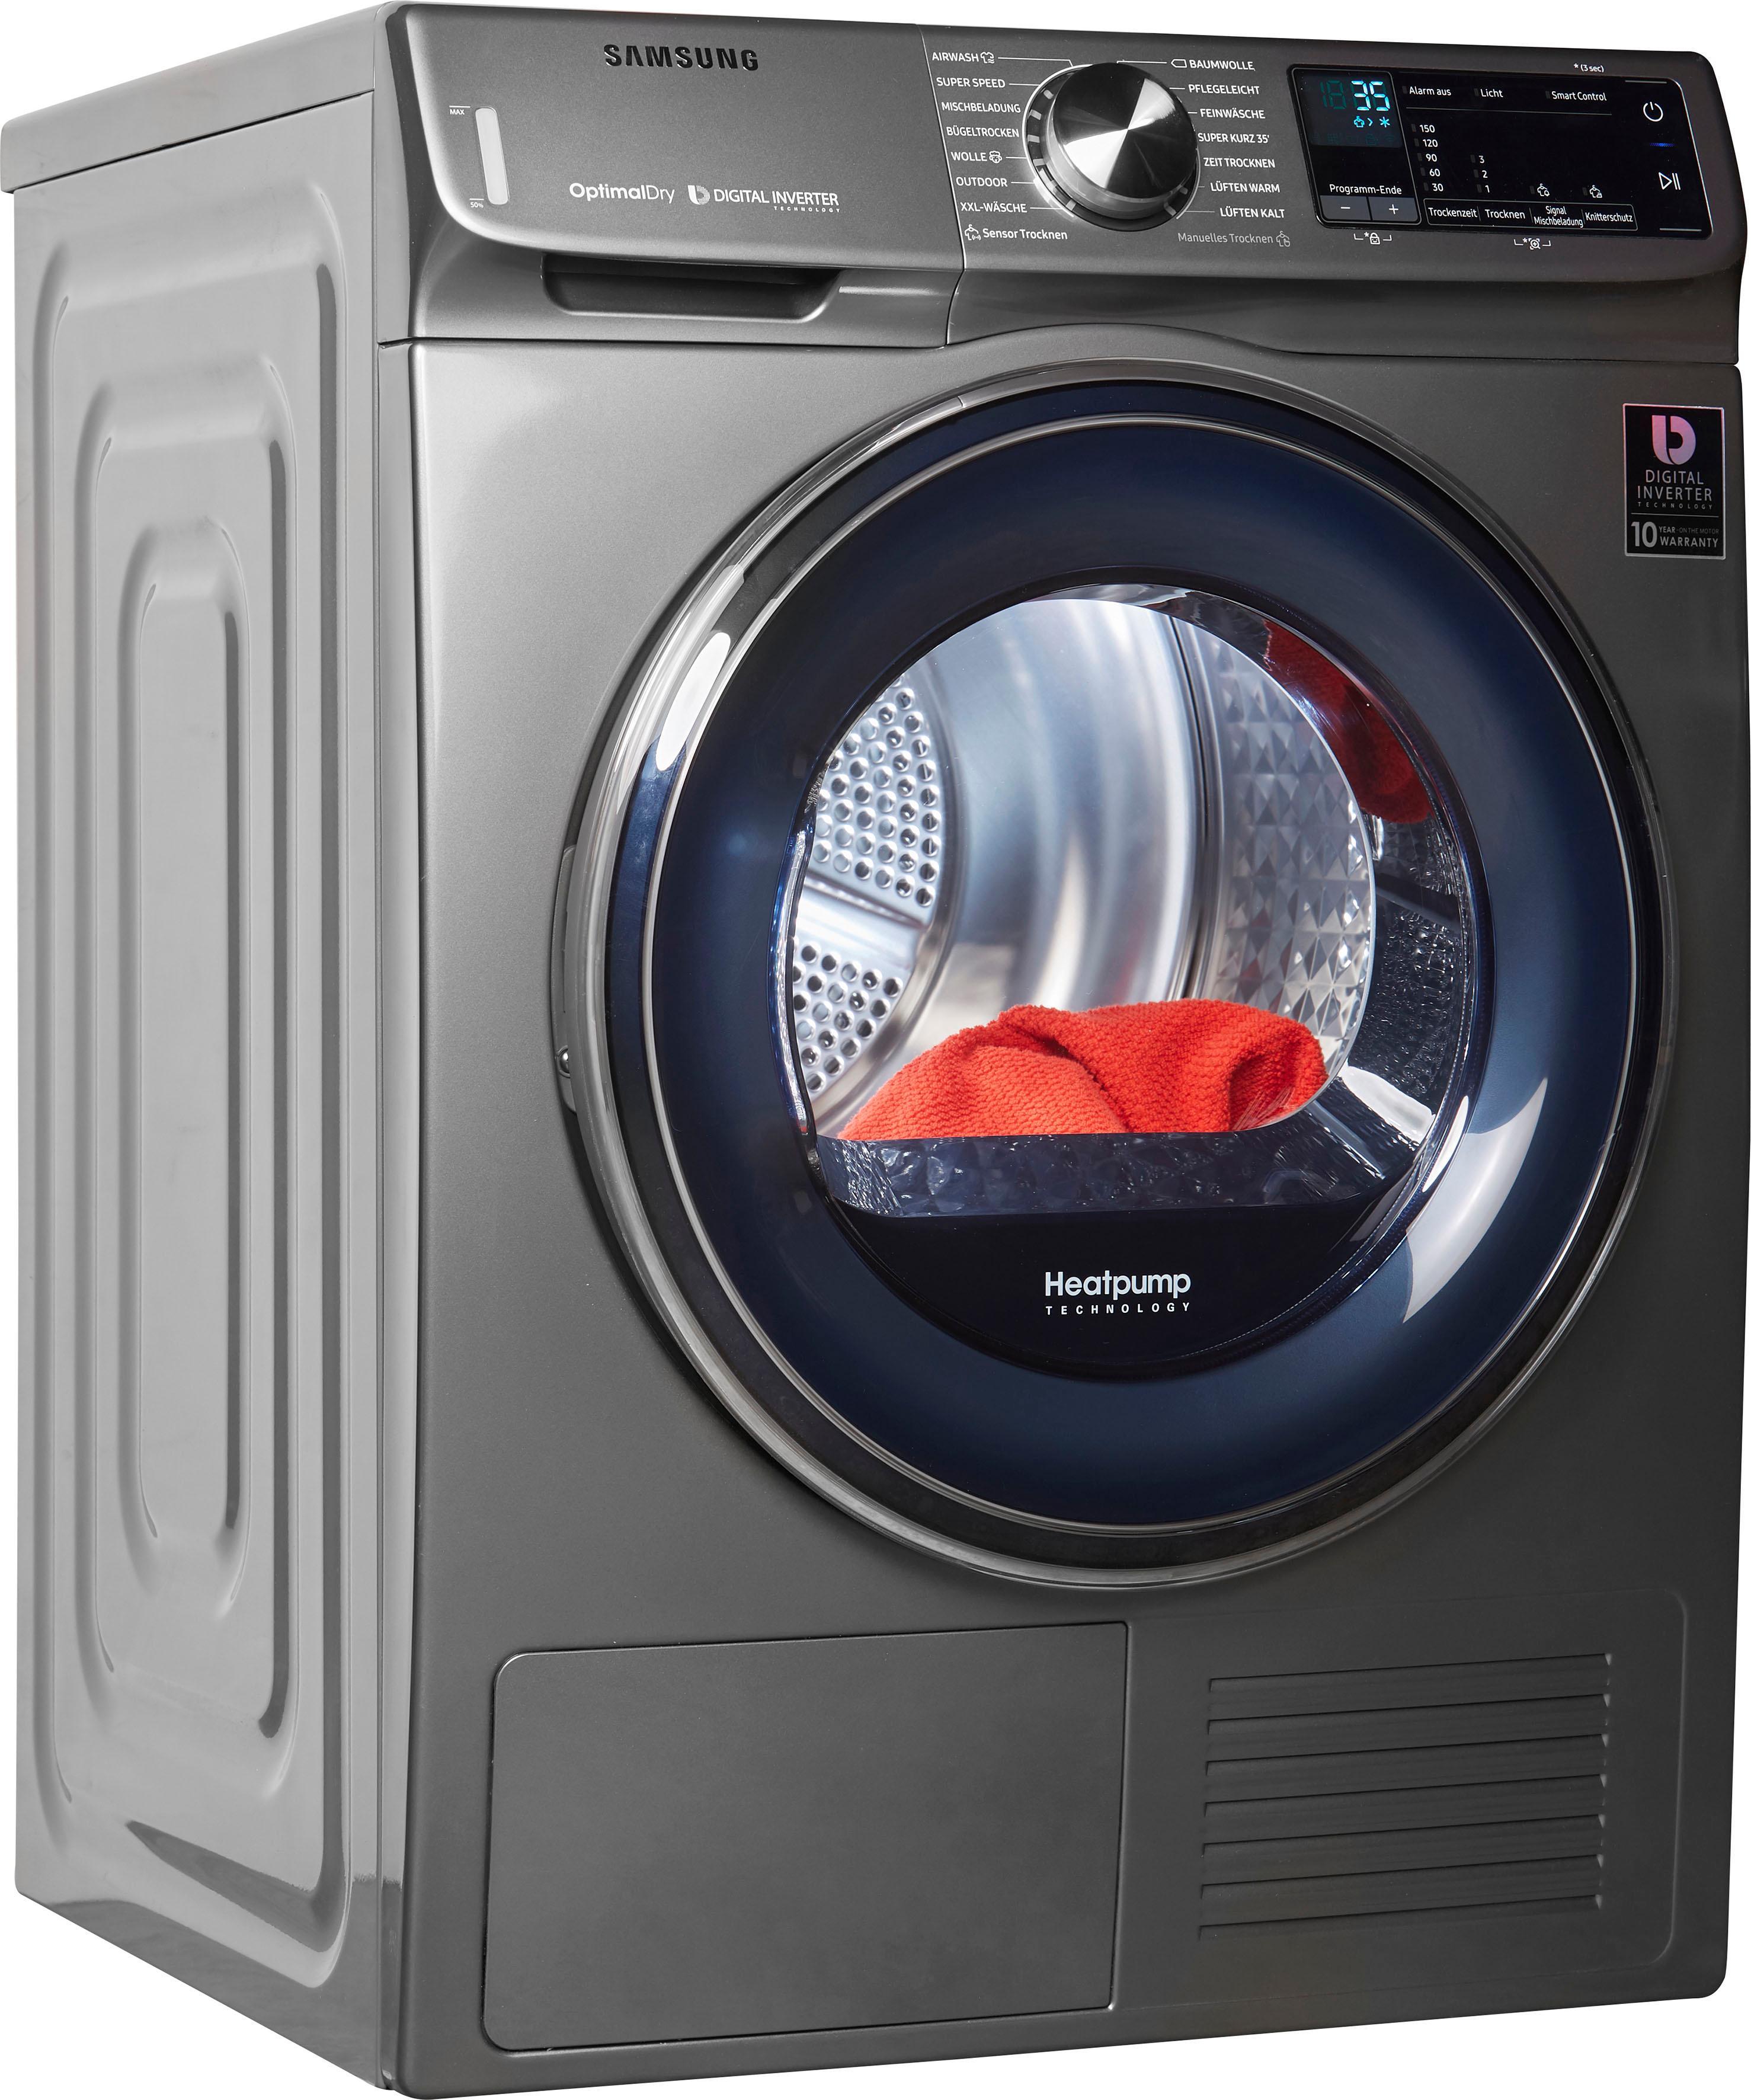 Samsung Wärmepumpentrockner DV6800 QuickDrive DV8AN62532X 8 kg | Bad > Waschmaschinen und Trockner | Samsung